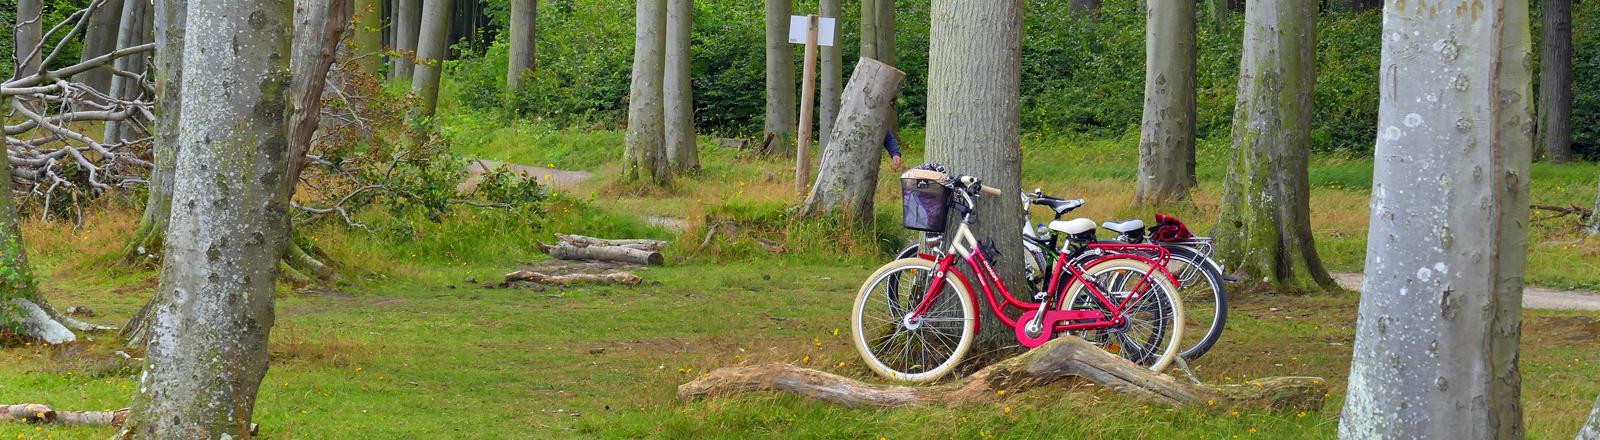 Fahrräder von Jugendlichen stehen in einem Wald in Mecklenburg-Vorpommern. Zu sehen sind Rotbuchen.